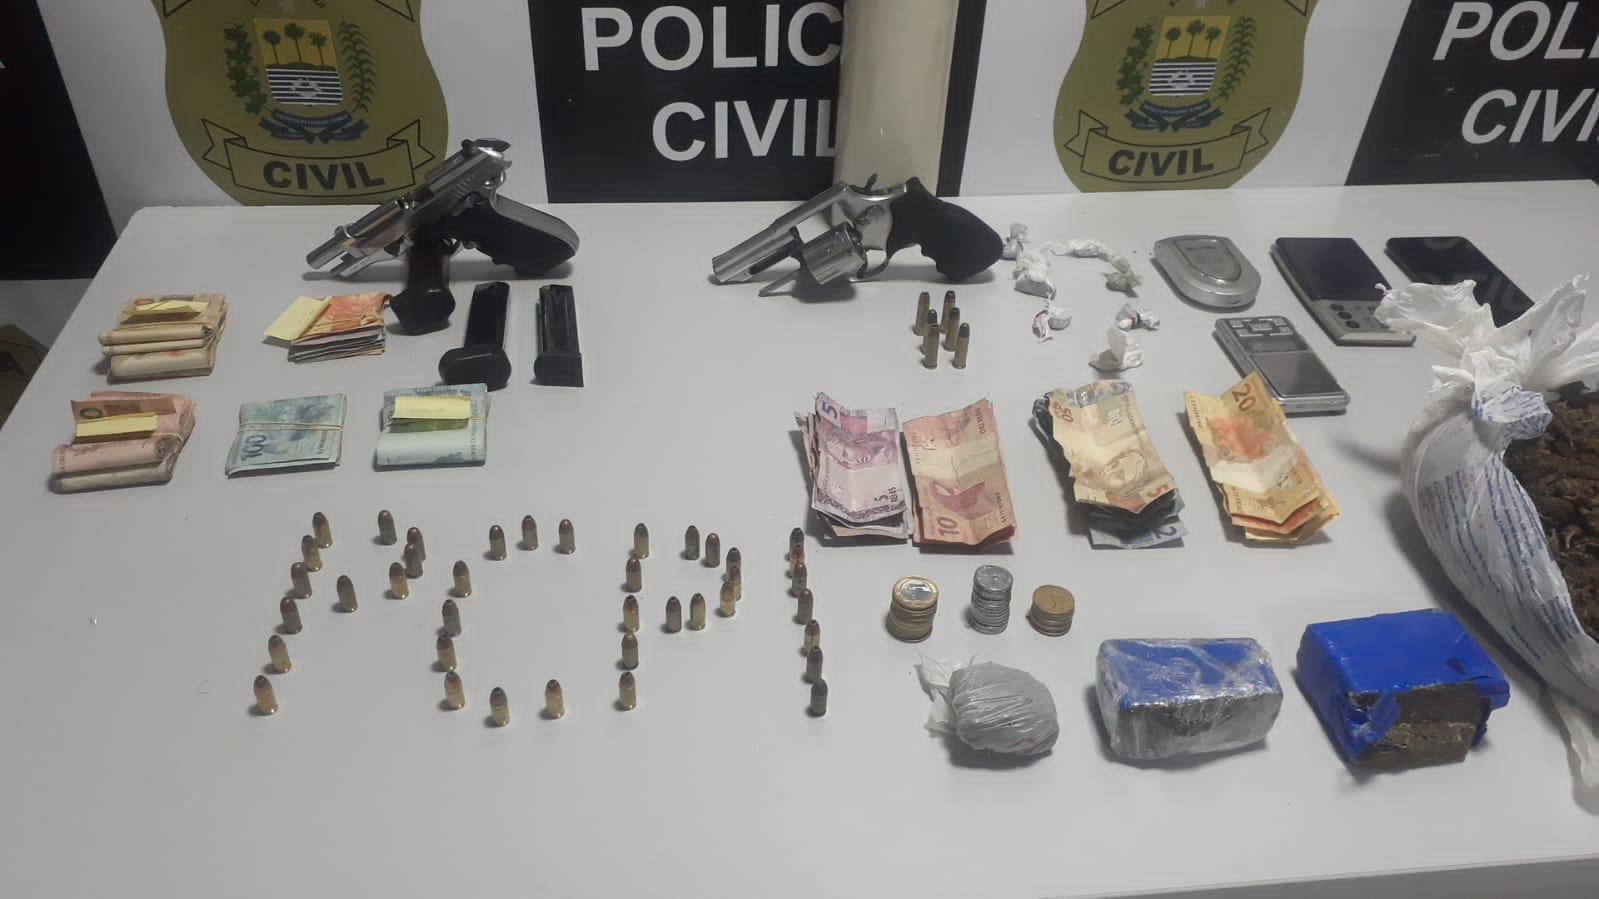 Droga, armas e dinheiro apreendido pela Polícia Civil - Foto: Reprodução